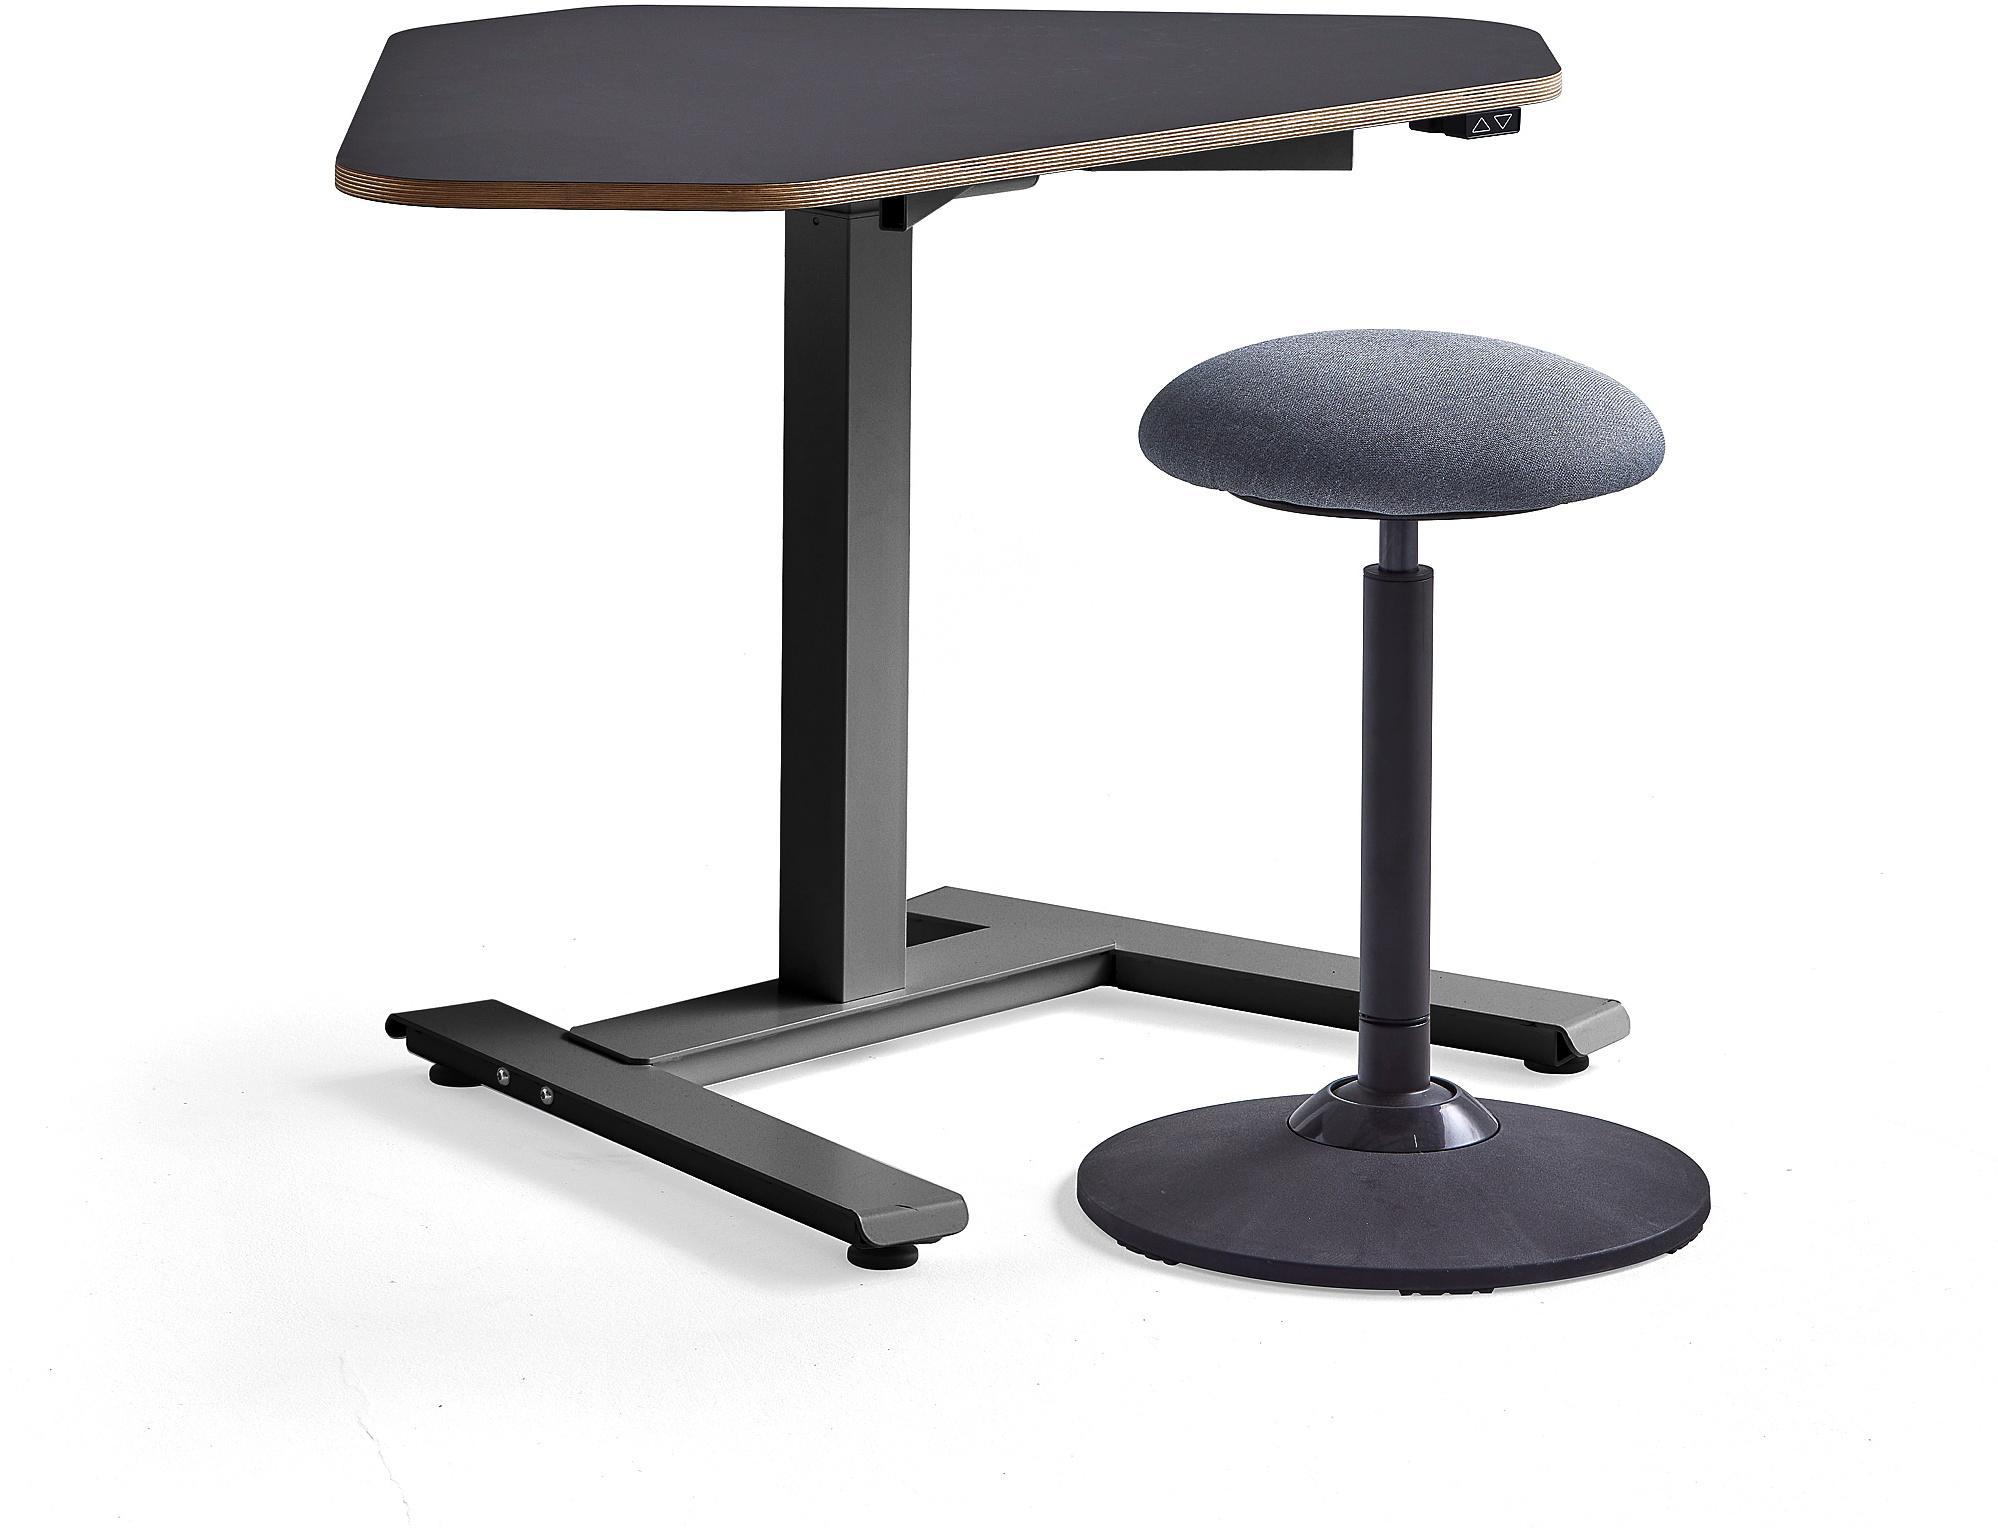 Zostava nábytku: 1 čierny rohový stôl Novus + 1 stolička Acton